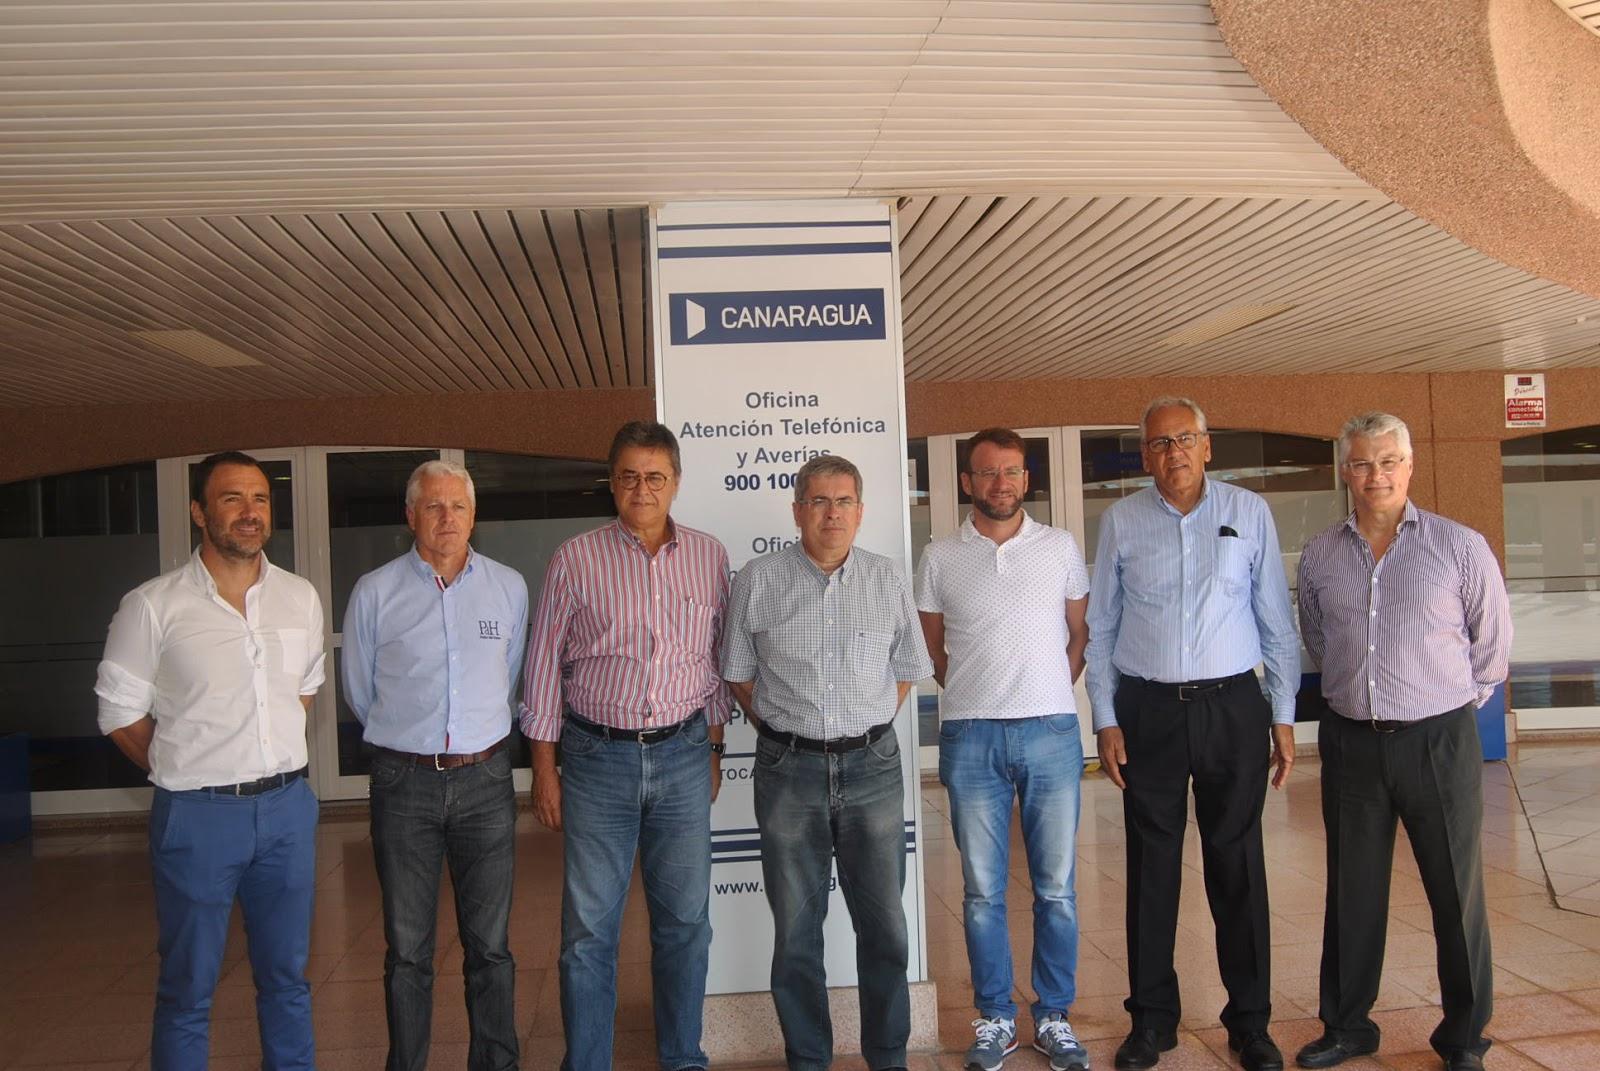 REGIÓN CANARIAS, Periódico digital de Canarias: Marco Aurelio Pérez ...